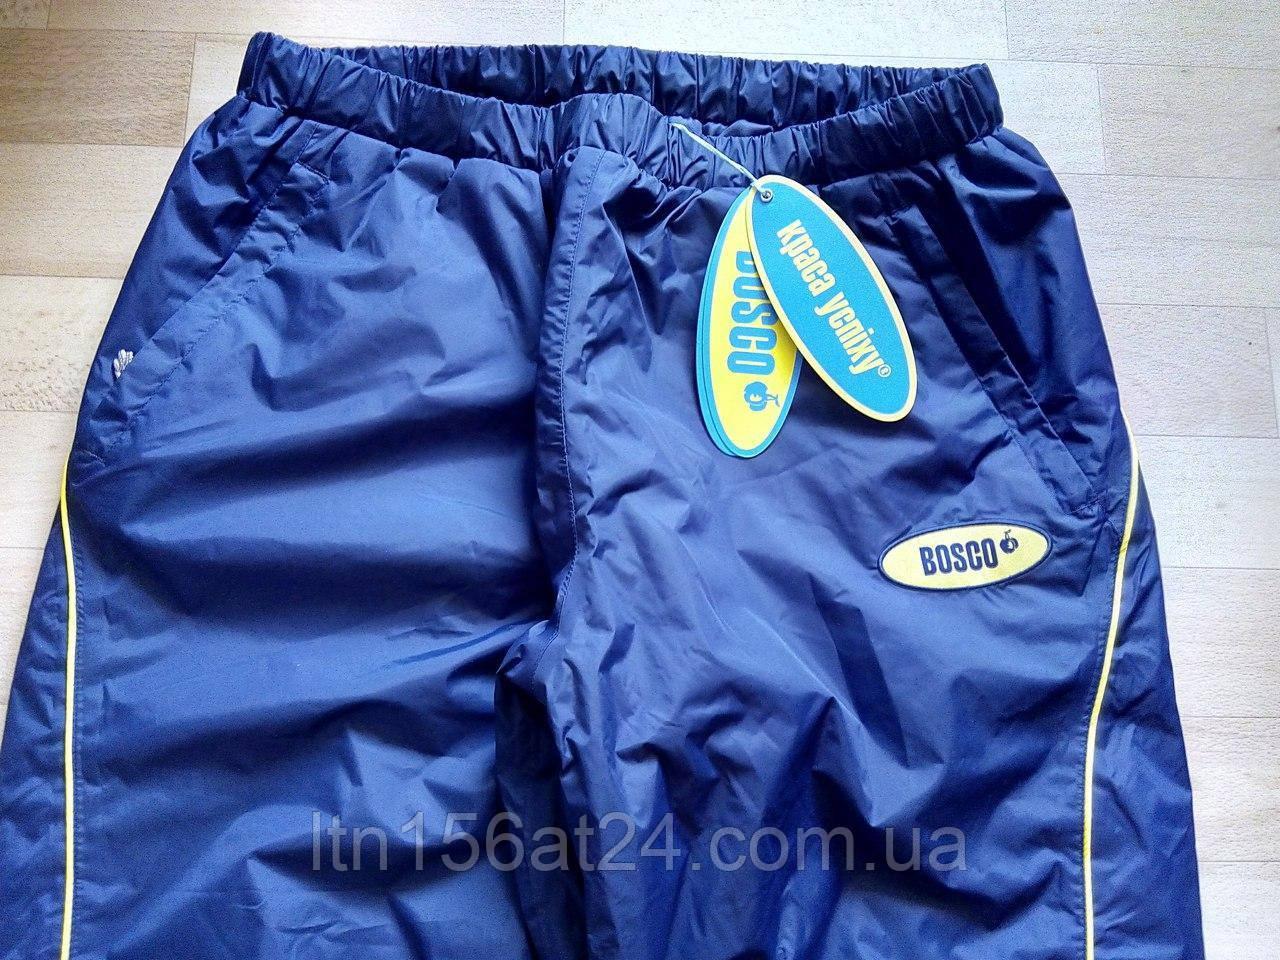 Олимпийские мужские спортивные зимние брюки горнолыжные    Bosco Sport Украина оригинал 3xl